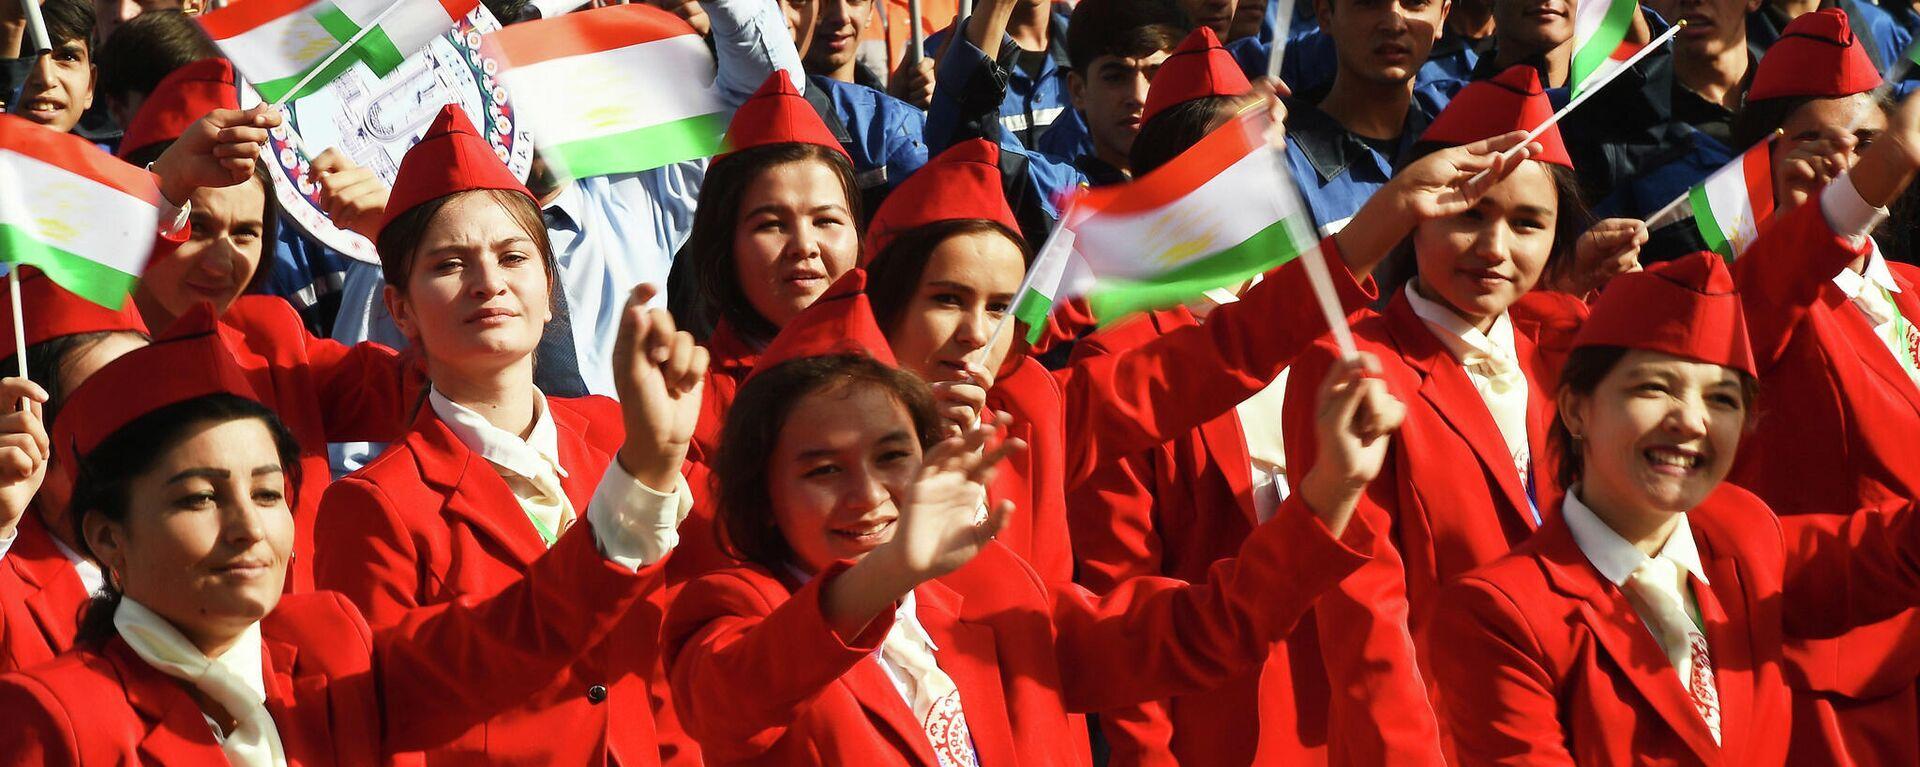 Парад в Душанбе в честь 30-летия государственной независимости Республики Таджикистан - Sputnik Таджикистан, 1920, 09.09.2021